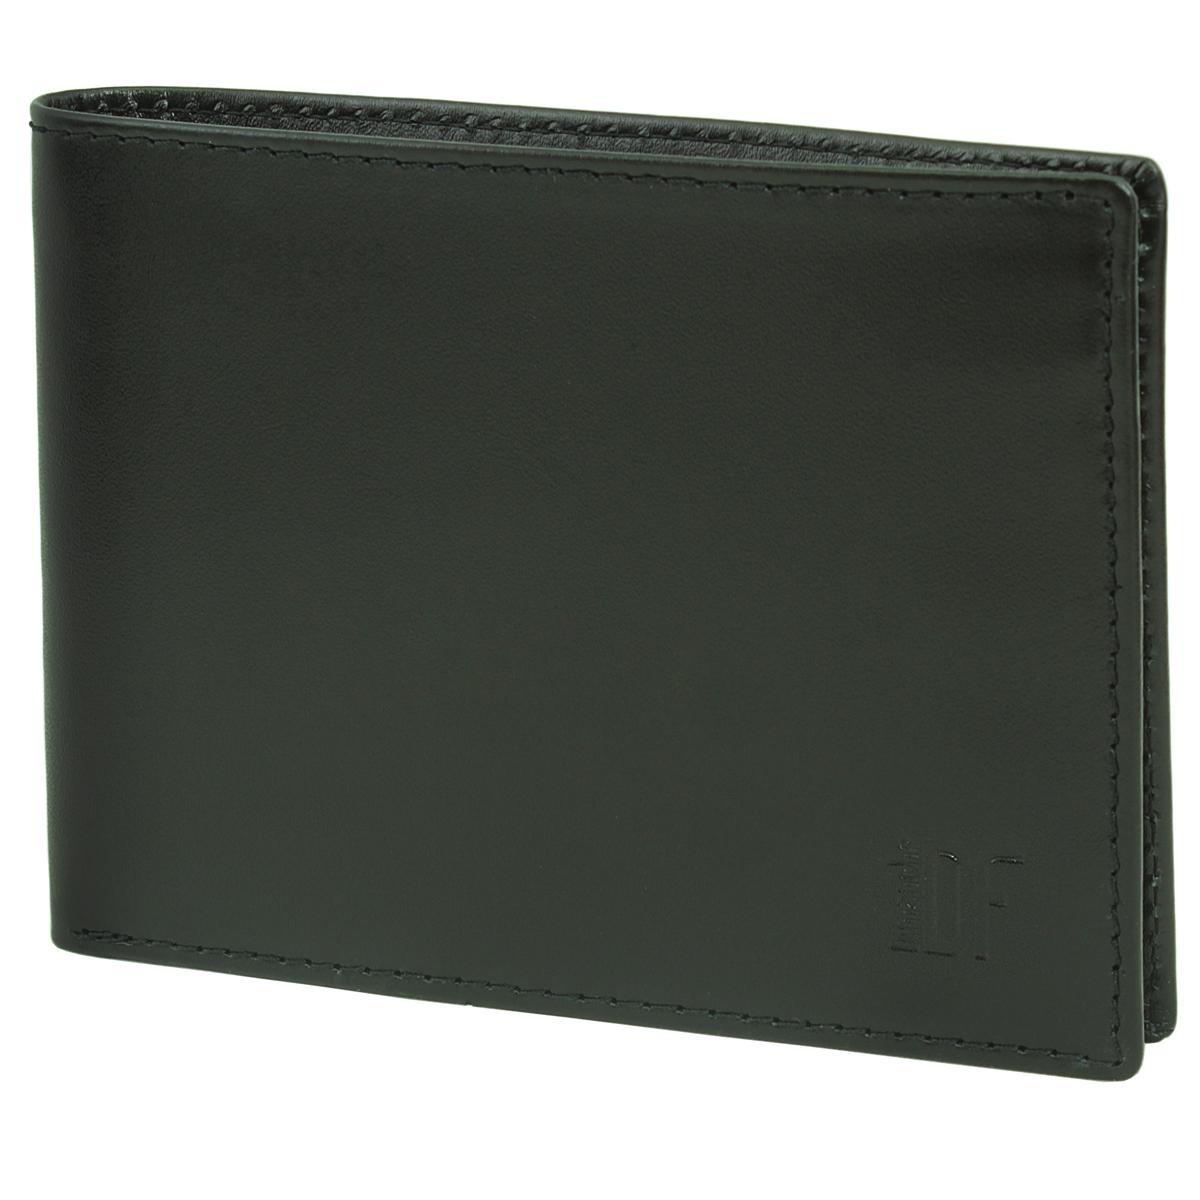 Кошелек мужской Dimanche Bond, цвет: черный. 963EQW-M710DB-1A1Мужской кошелек Bond выполнен из натуральной кожи черного цвета. Внутри два отделения для купюр, один дополнительный карман, пять карманов для кредиток, объемный карман с отделением для мелочи, который закрывается клапаном с потайной кнопкой и карман для sim карты. Потайные кармашки для автодокументов. Кошелек упакован в фирменную картонную коробку. Характеристики:Материал: натуральная кожа, текстиль, металл. Размер кошелька: 9,5 см х 12,5 см х 2 см. Цвет: черный.